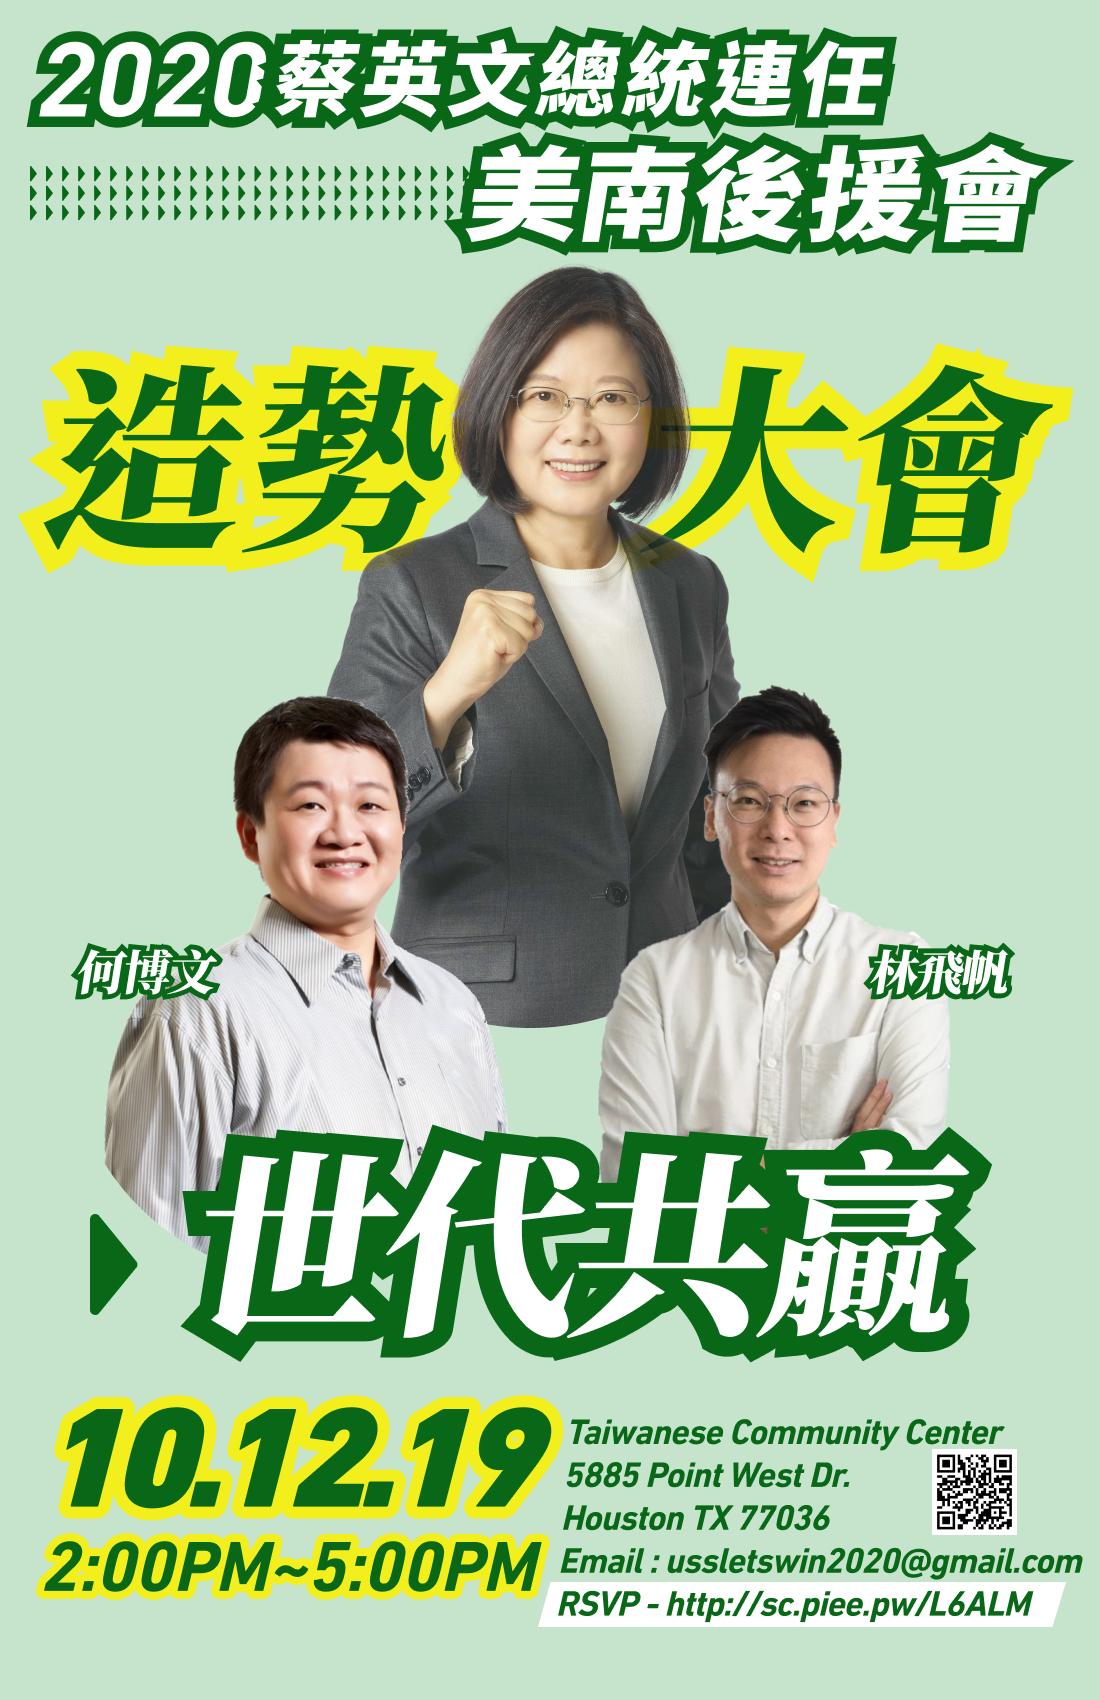 民主進步黨副秘書長林飛帆,民主進步黨新北市議員何博文將與會。